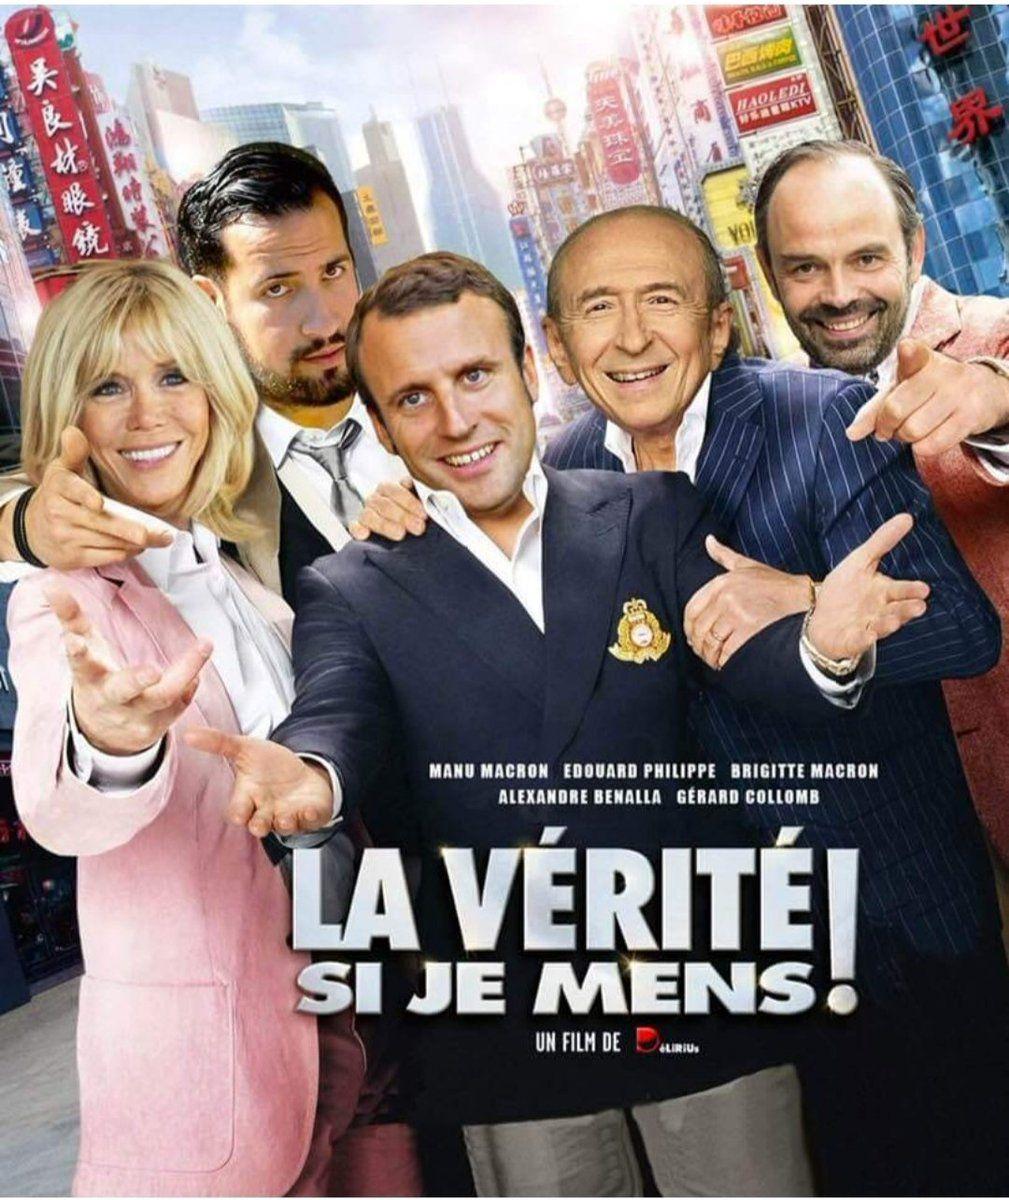 Manu Macaron Brigitte macron, Film